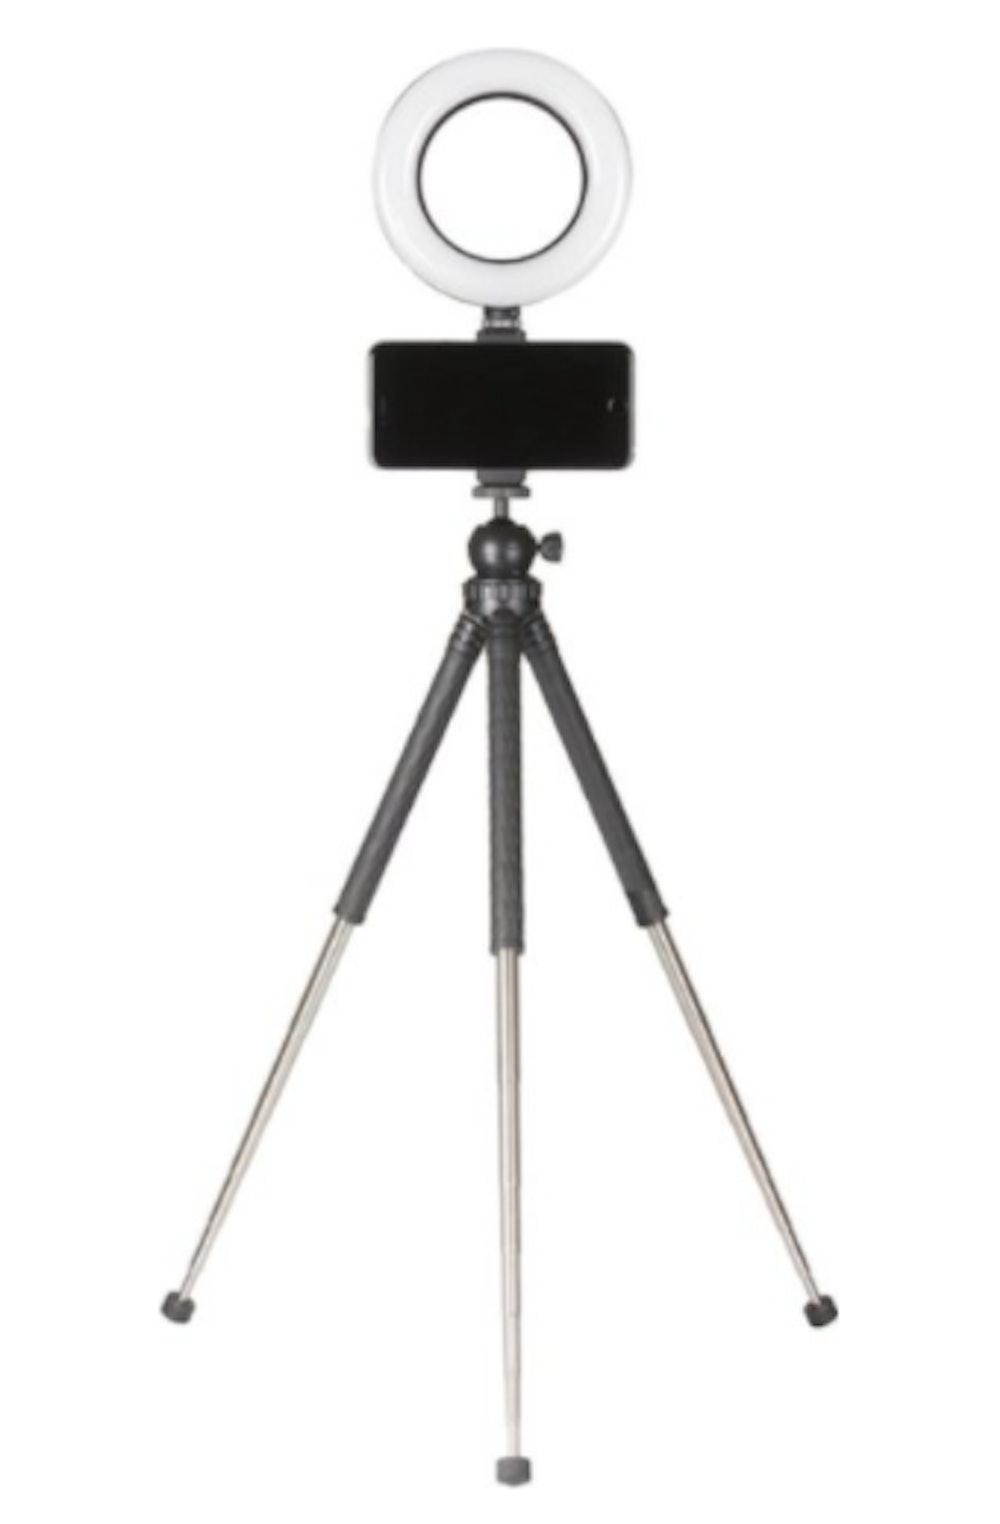 Portable Vlogging Kit for Smartphones - Black